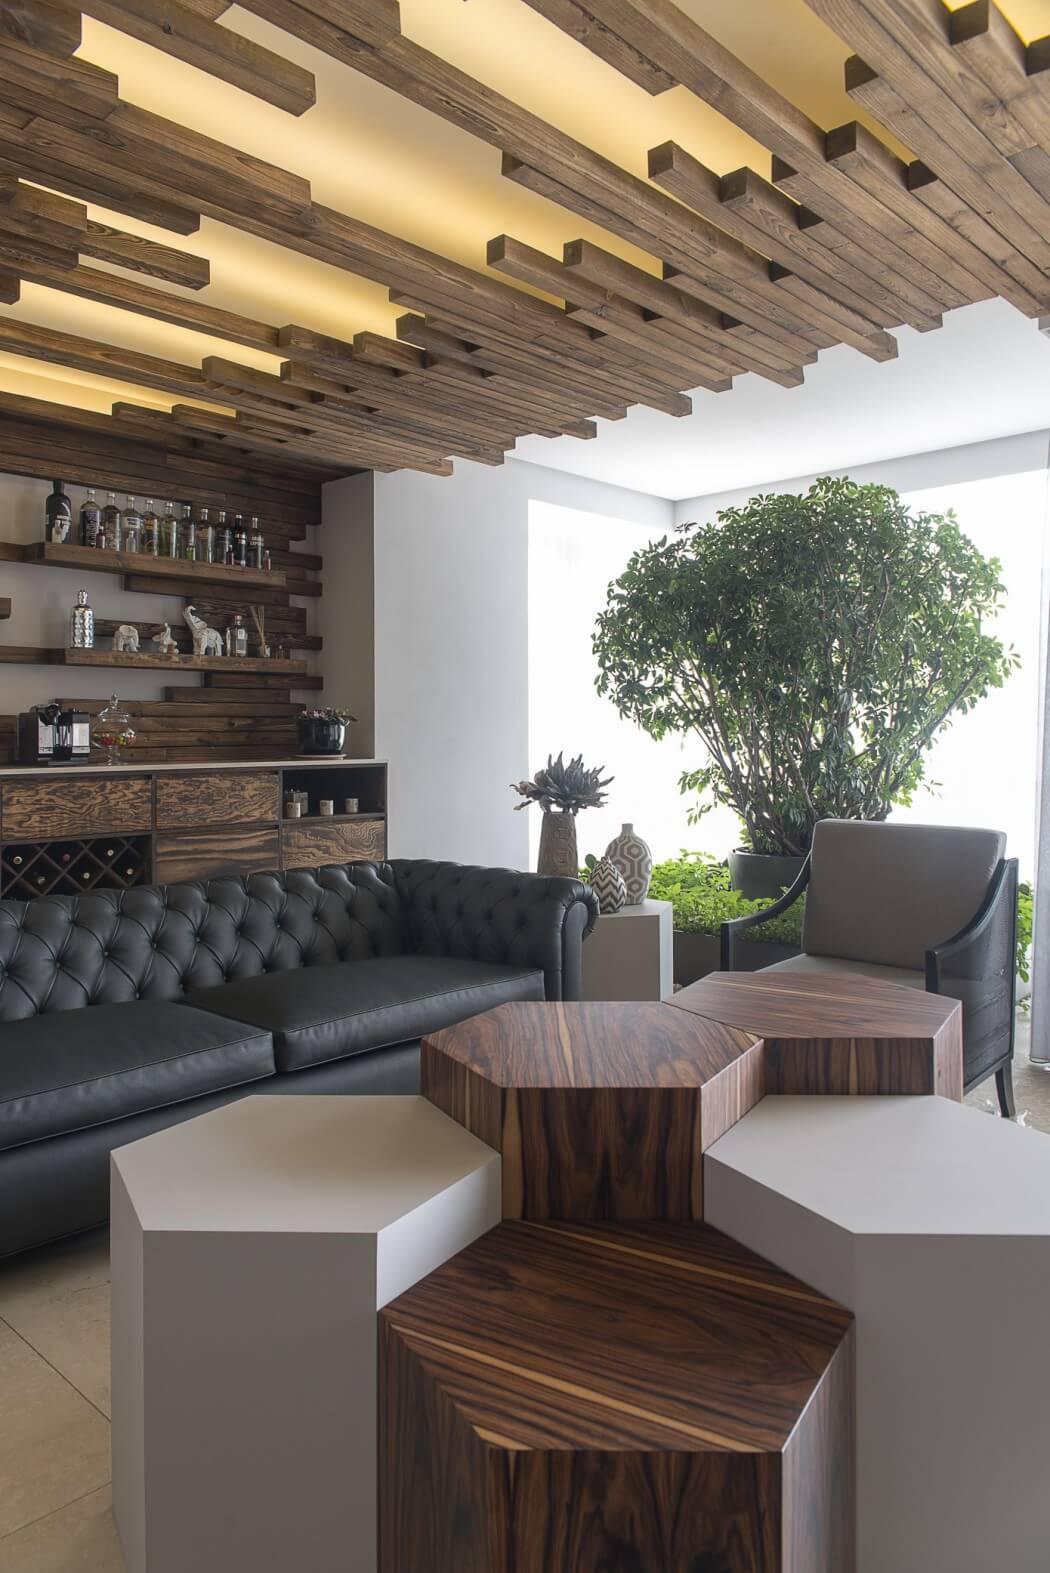 Оригинальный дизайн гостиной в стиле модерн с деревянными элементами